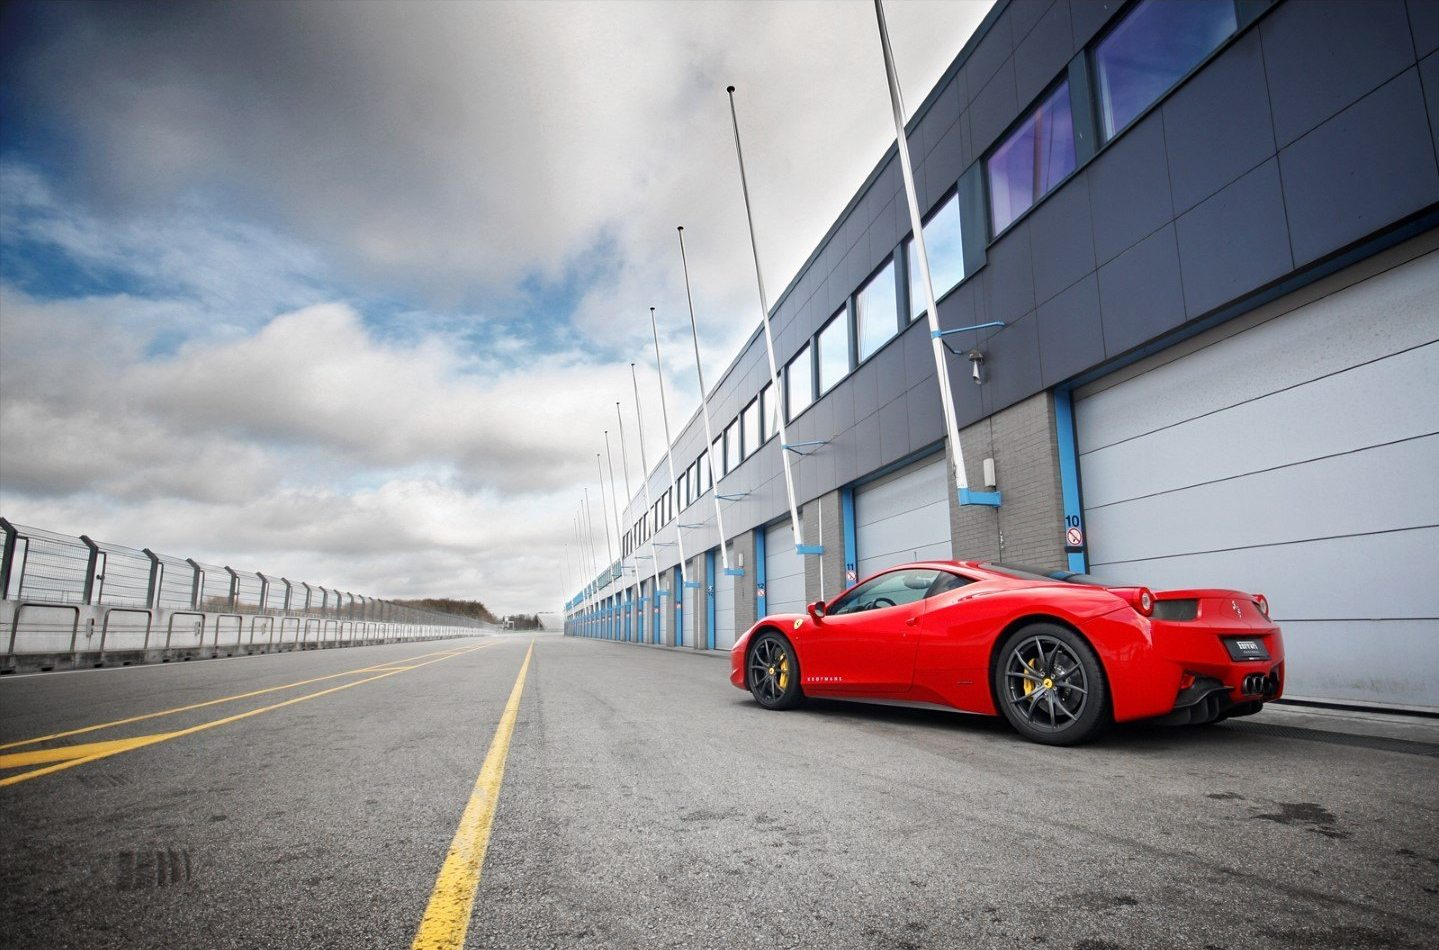 Compact industrial garage doors in the pitlane of TT racetrack